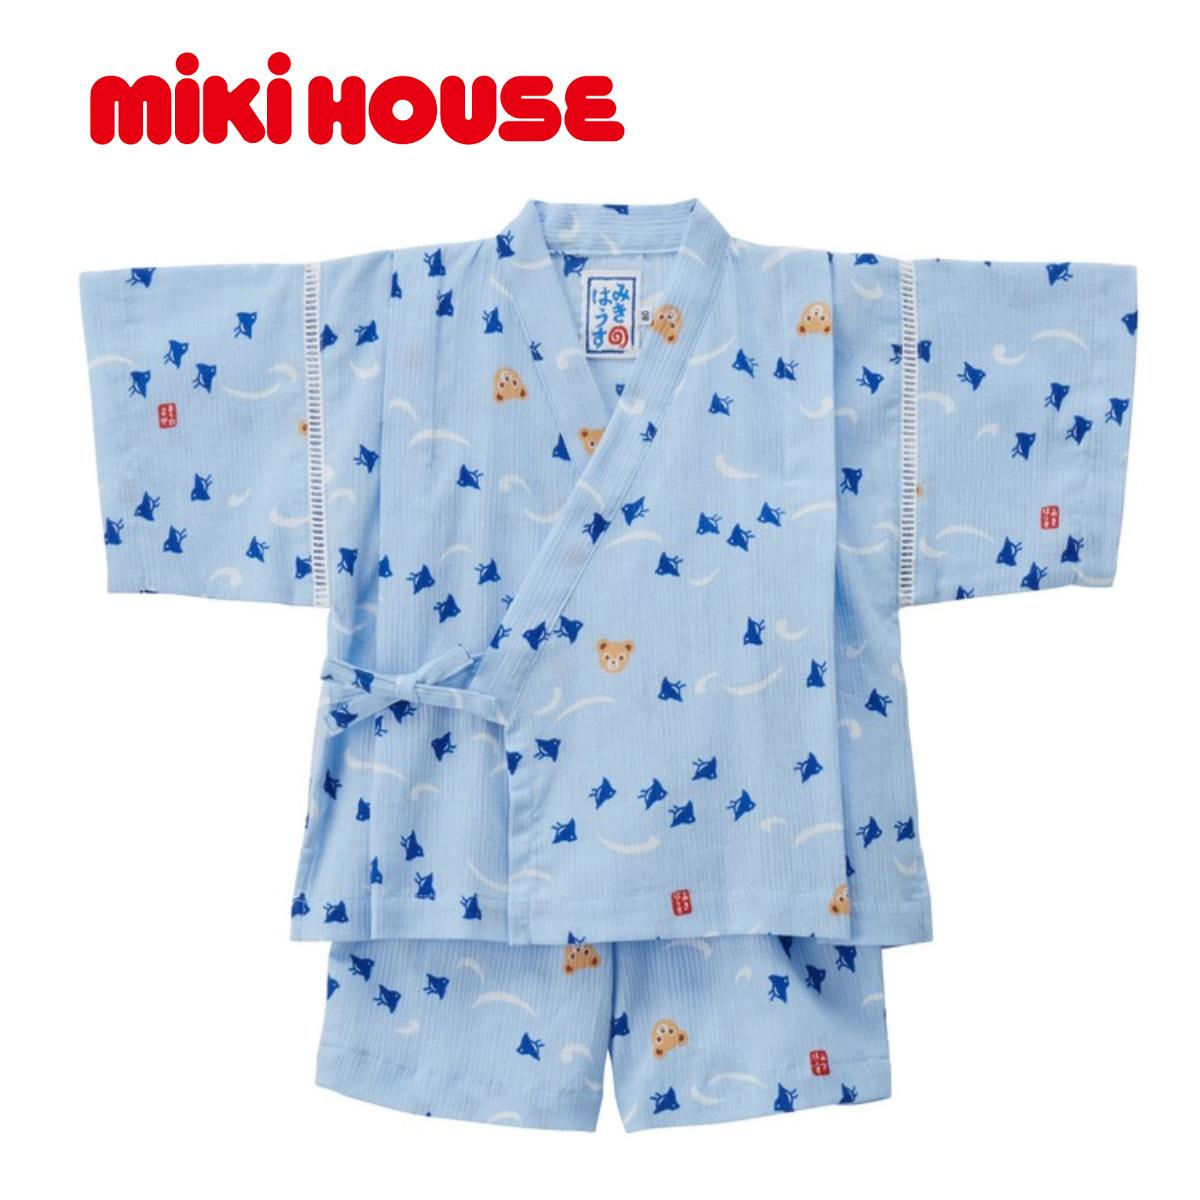 【メール便送料無料】【MIKIHOUSE ミキハウス】プッチー 千鳥柄甚平スーツ(100cm・110cm)【浴衣】